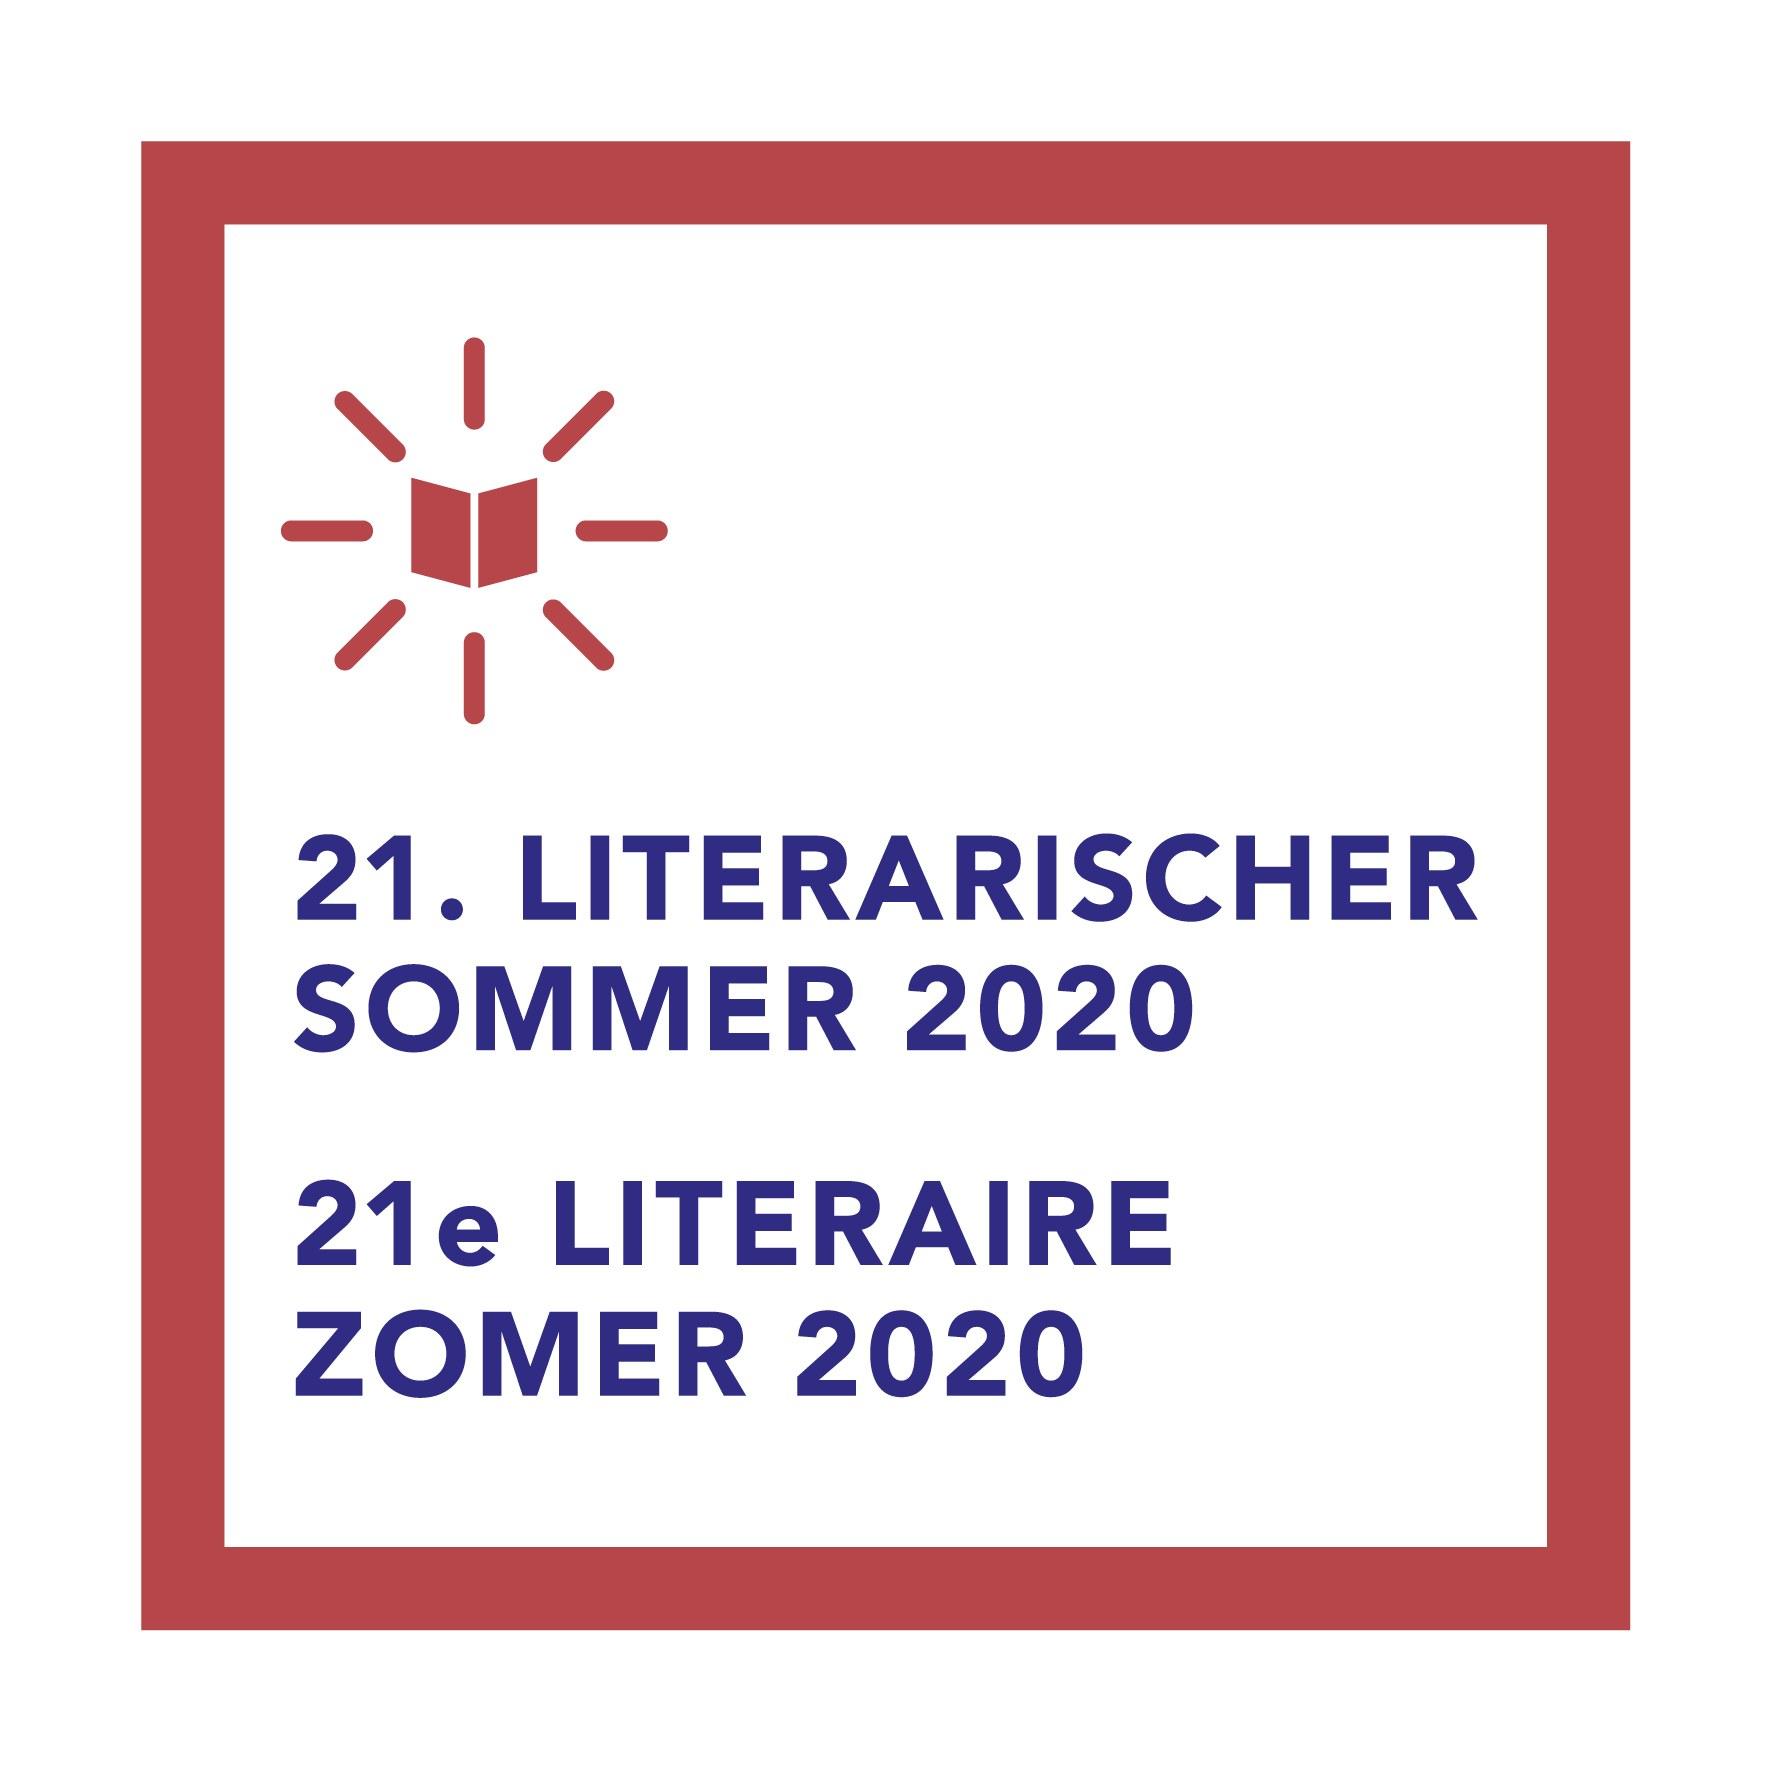 LitSom_2020_Signet.jpg